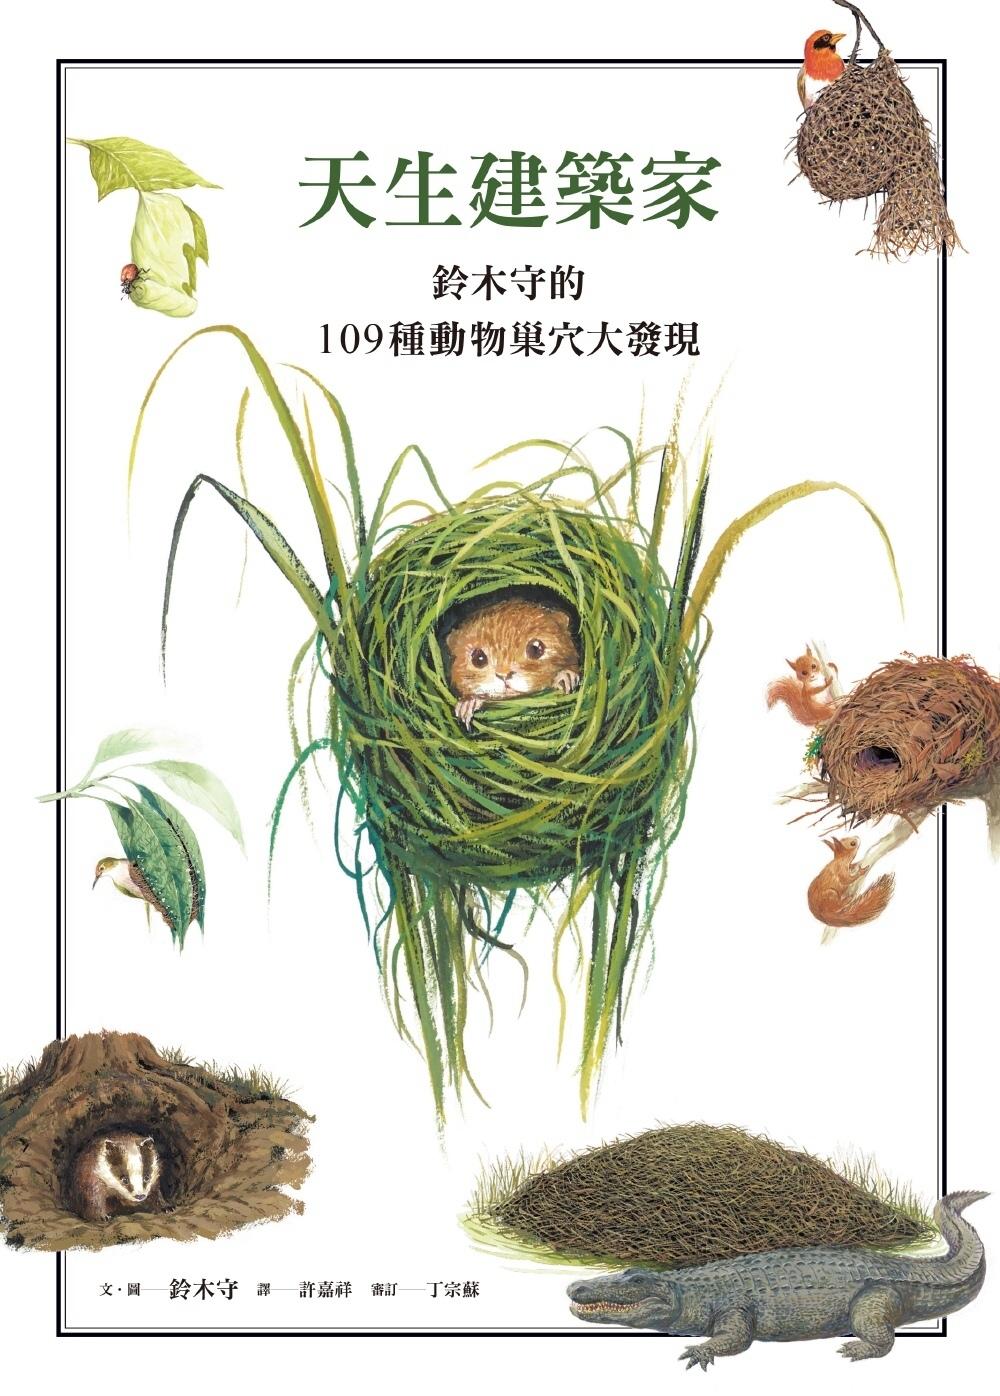 天生建築家:鈴木守的109種動物巢穴大發現